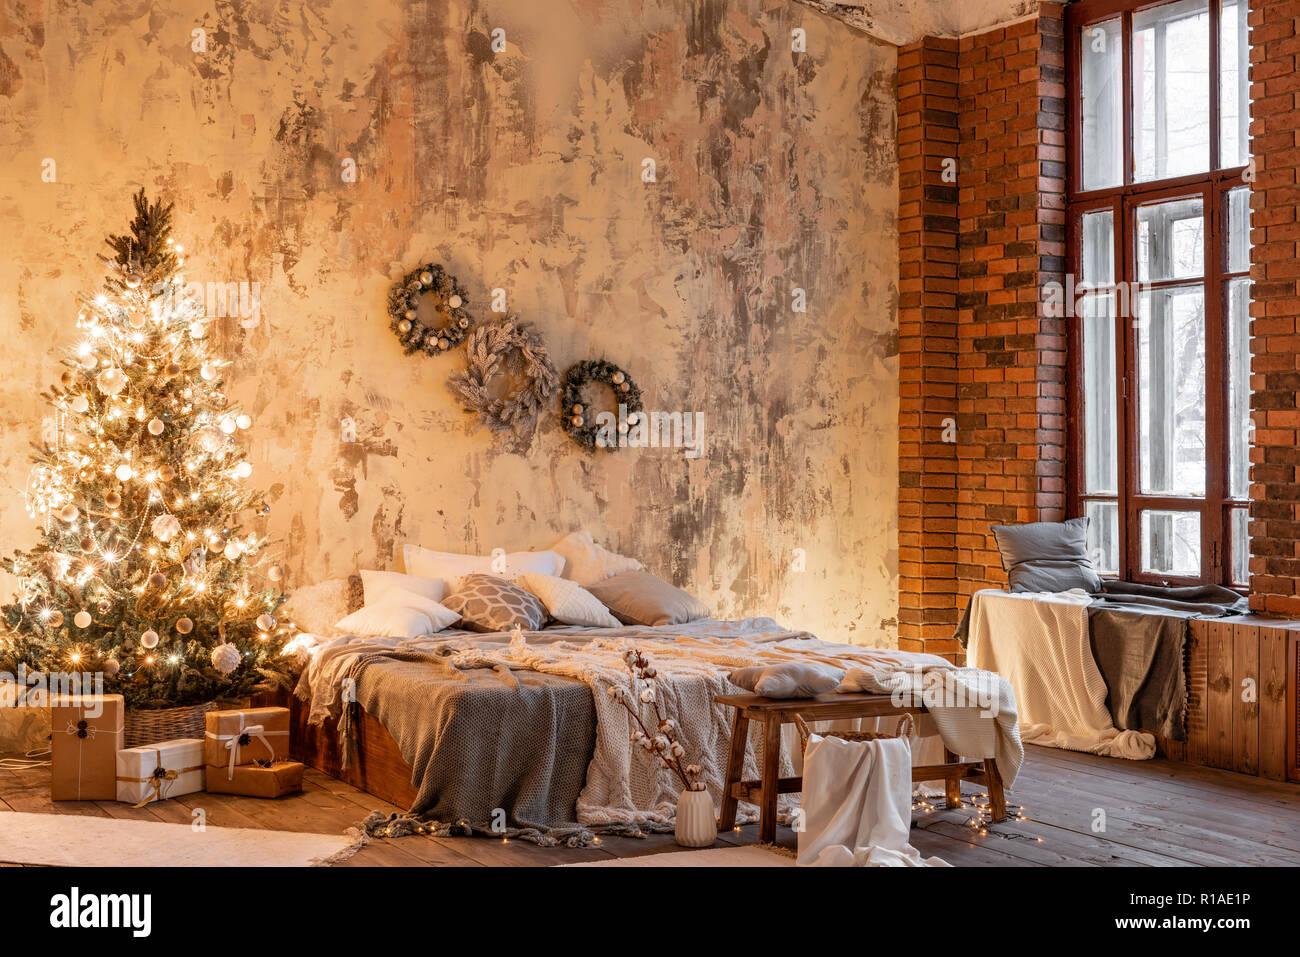 Dimensioni Finestre Camera Da Letto appartamenti loft, muro di mattoni e con albero di natale